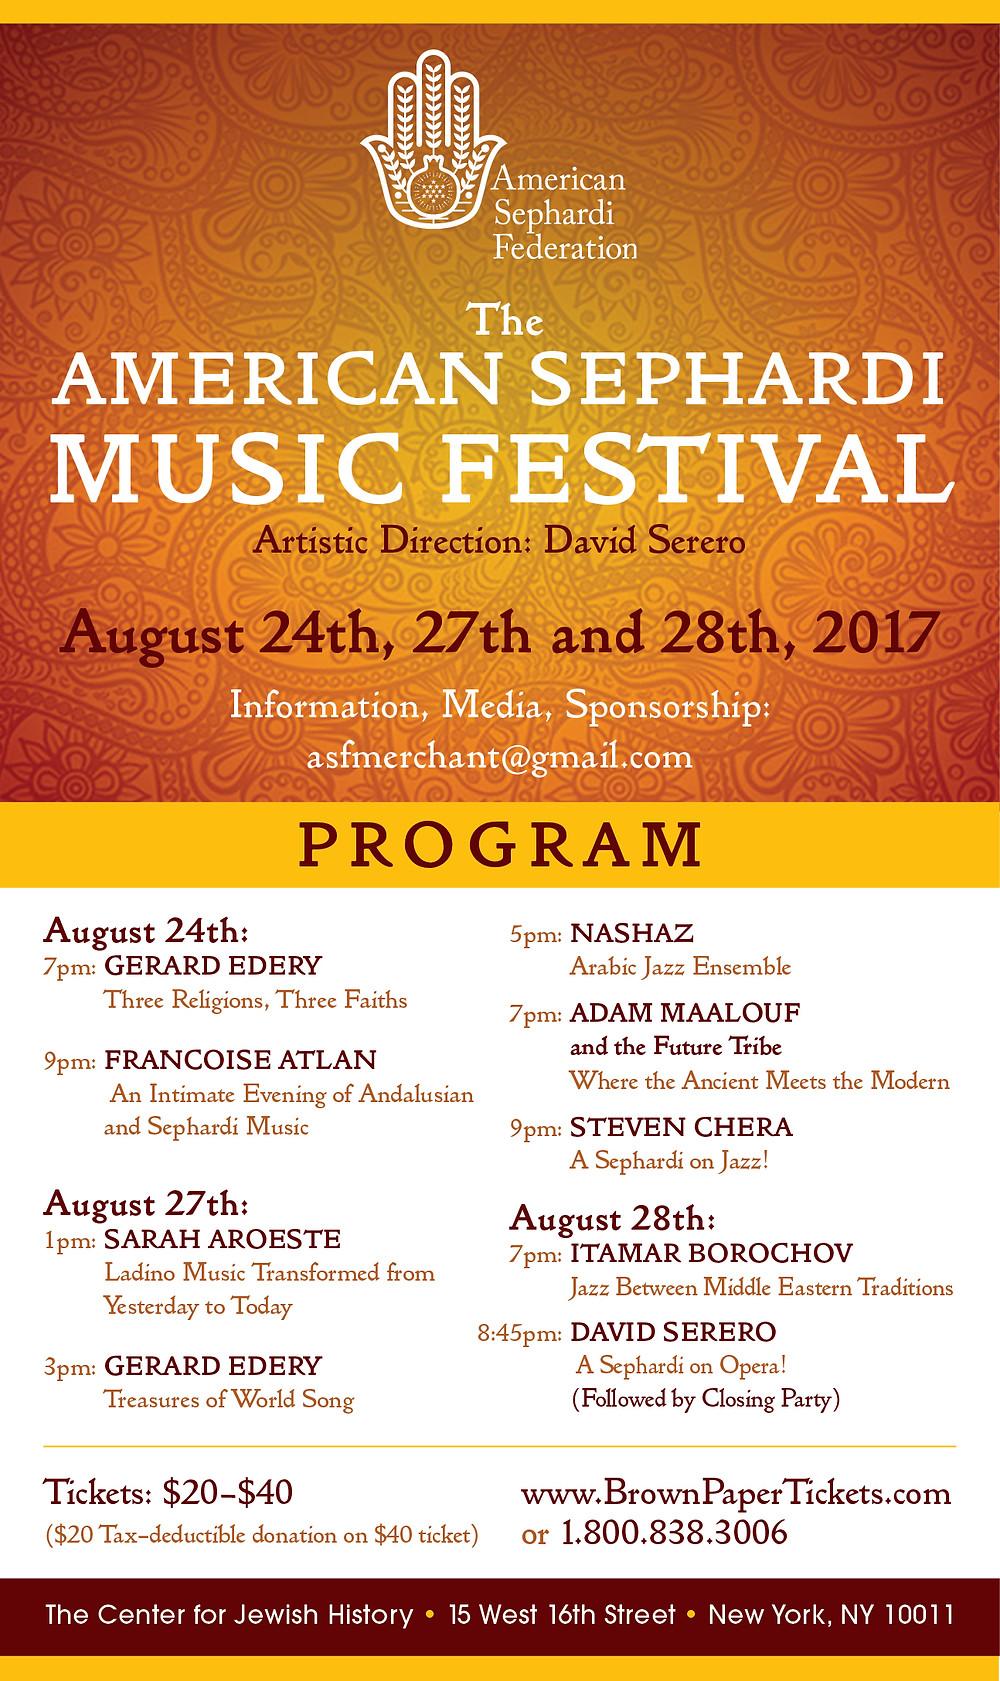 American Sephardi Music Festival 2017